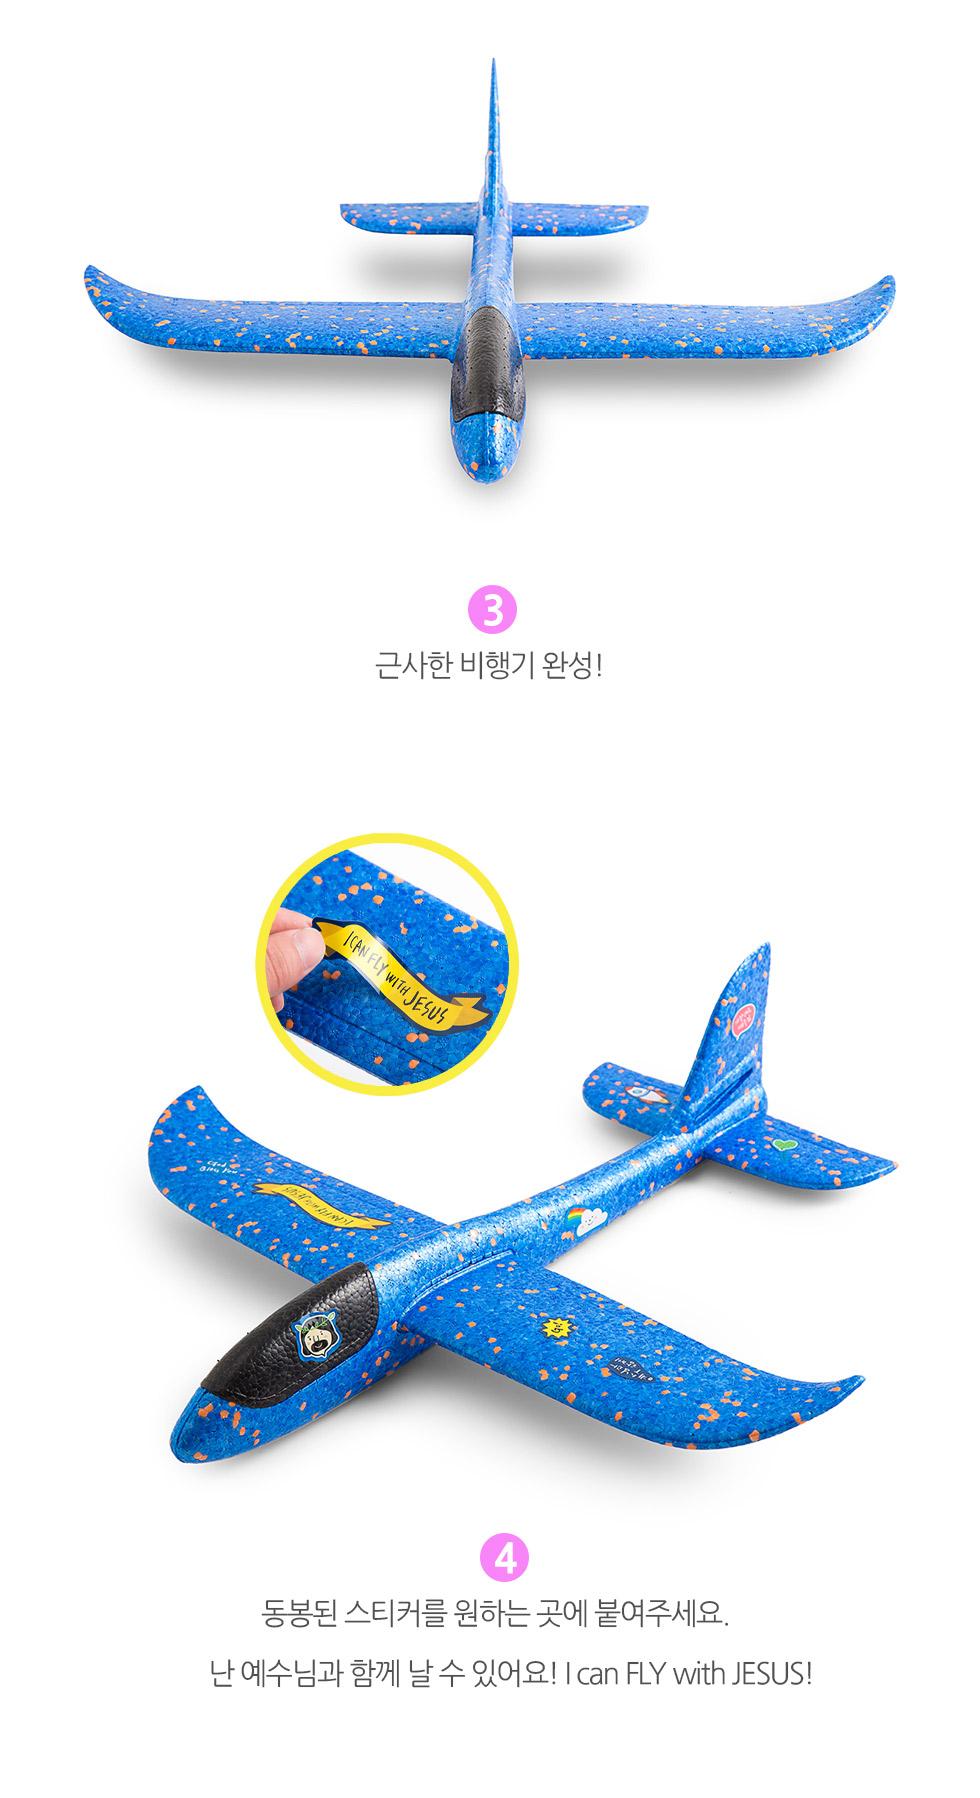 핸드 글라이더 - I can FLY with JESUS 동봉된 스티커로 예쁘게 꾸며 주세요